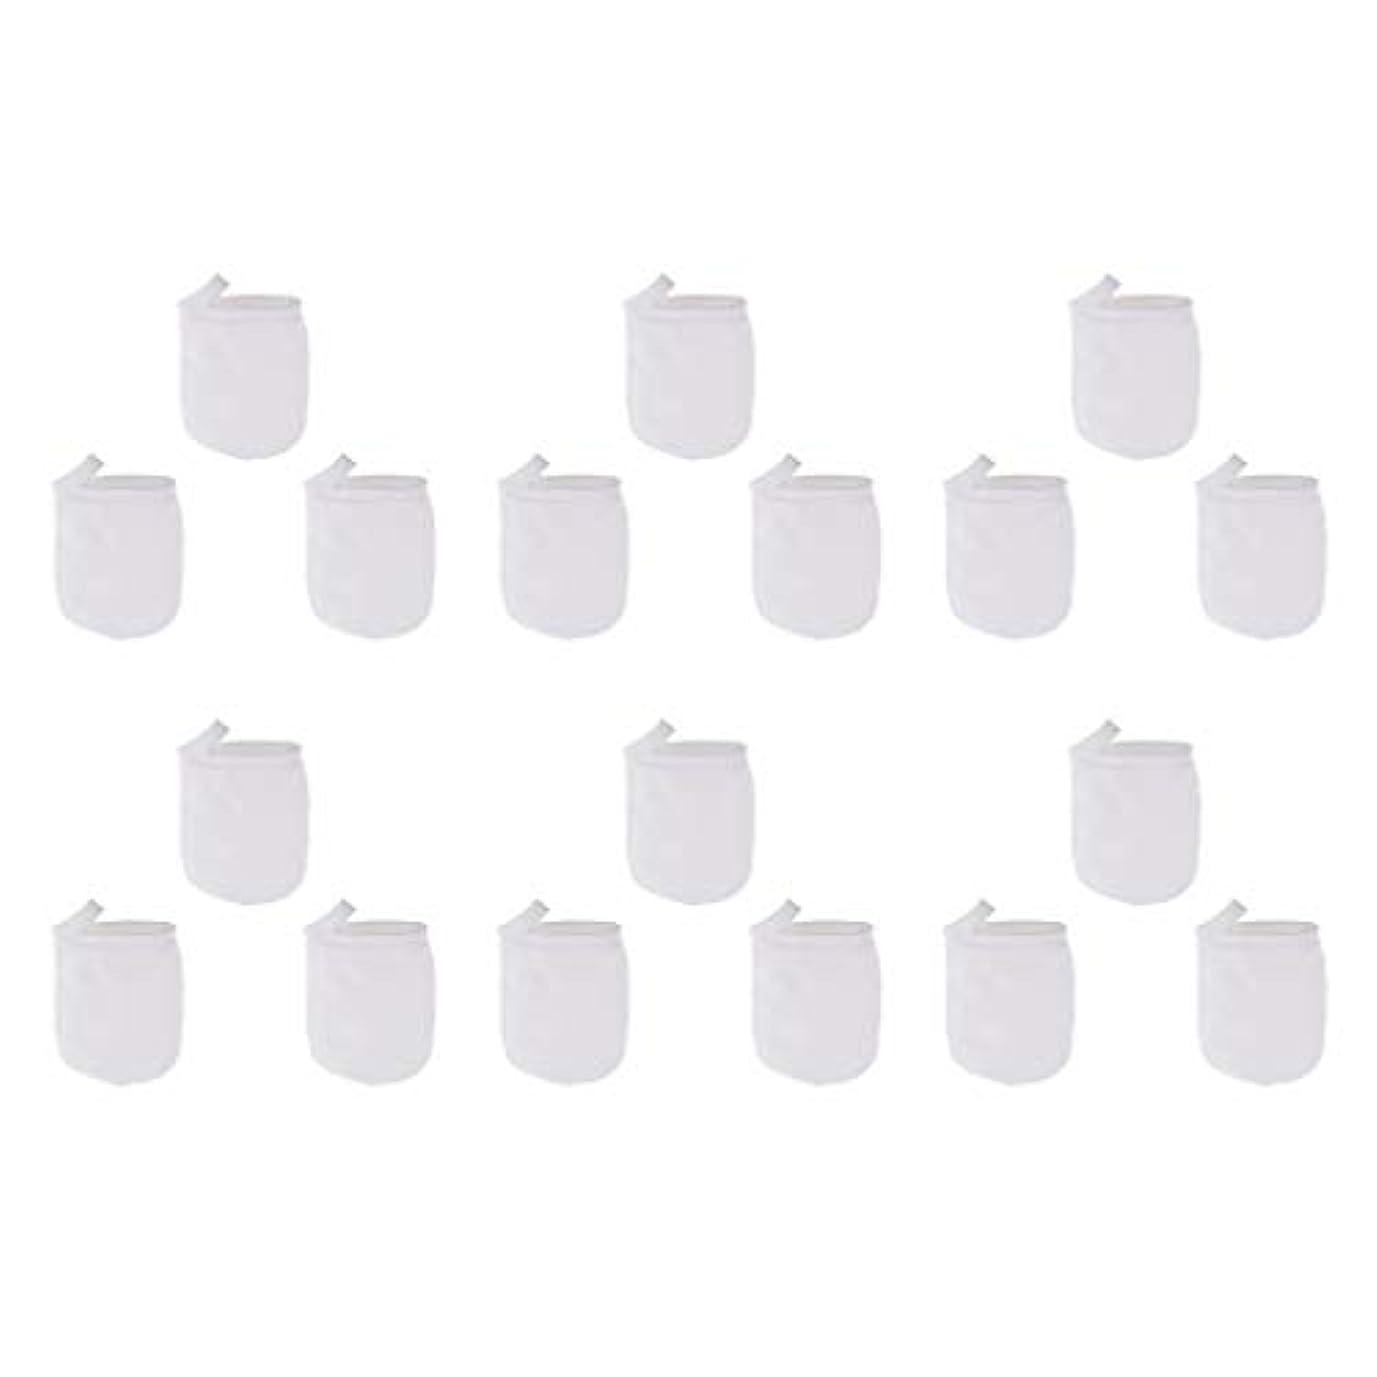 許されるオーバードロー十分洗顔手袋 フェイスクレンジング手袋 再利用可能な 柔らかい マイクロファイバー リムーバー 洗顔